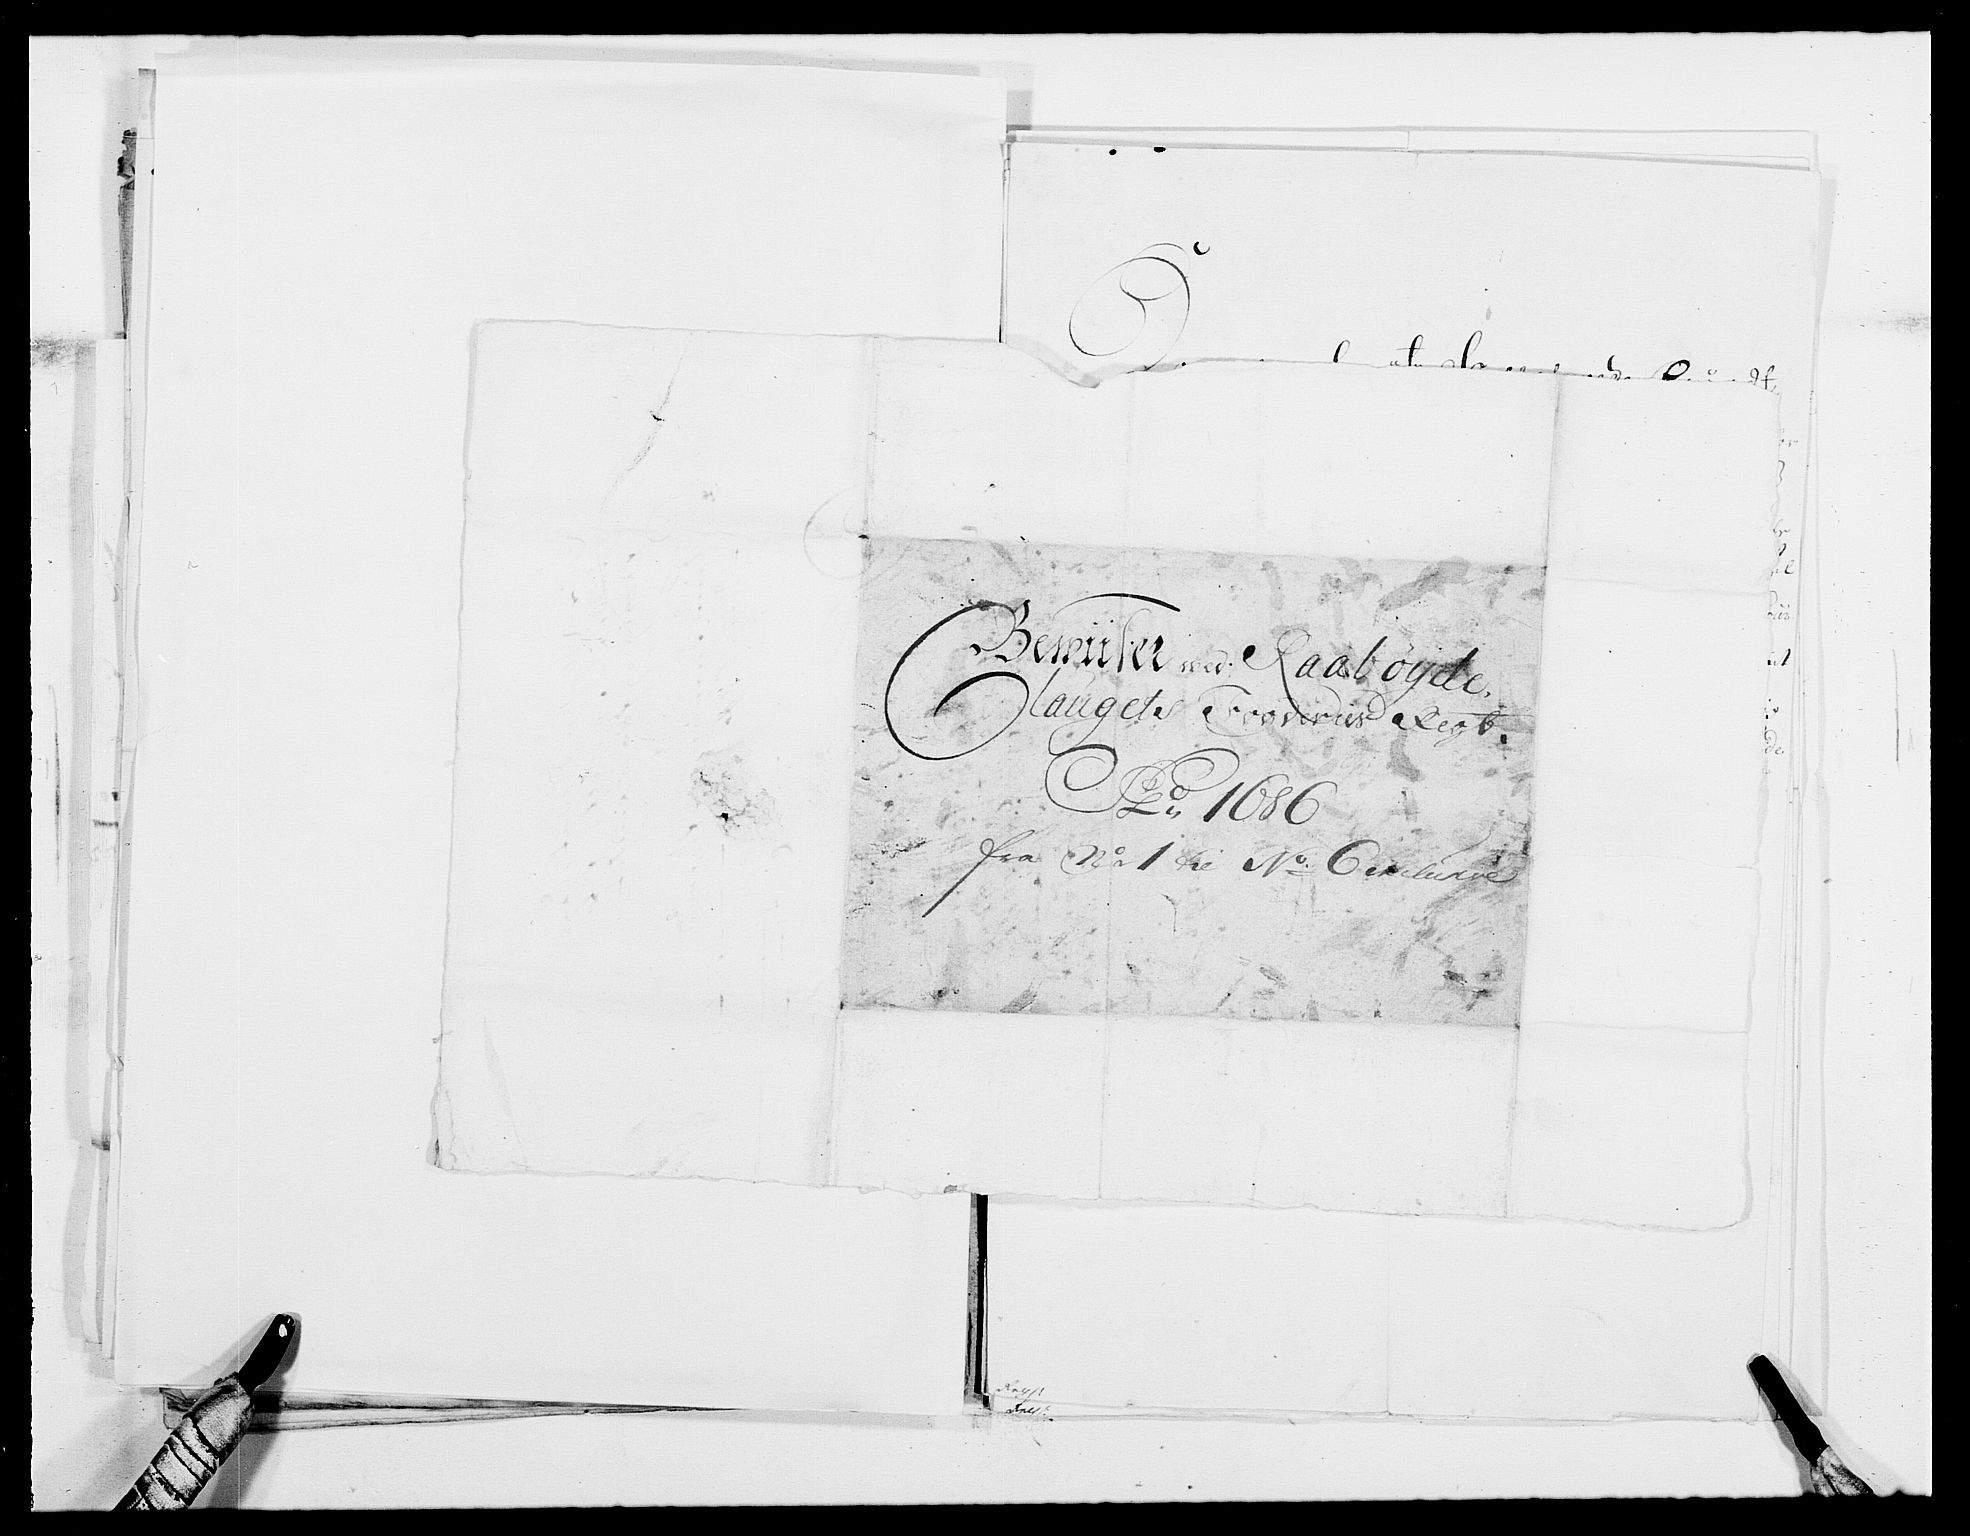 RA, Rentekammeret inntil 1814, Reviderte regnskaper, Fogderegnskap, R40/L2440: Fogderegnskap Råbyggelag, 1686-1687, s. 98